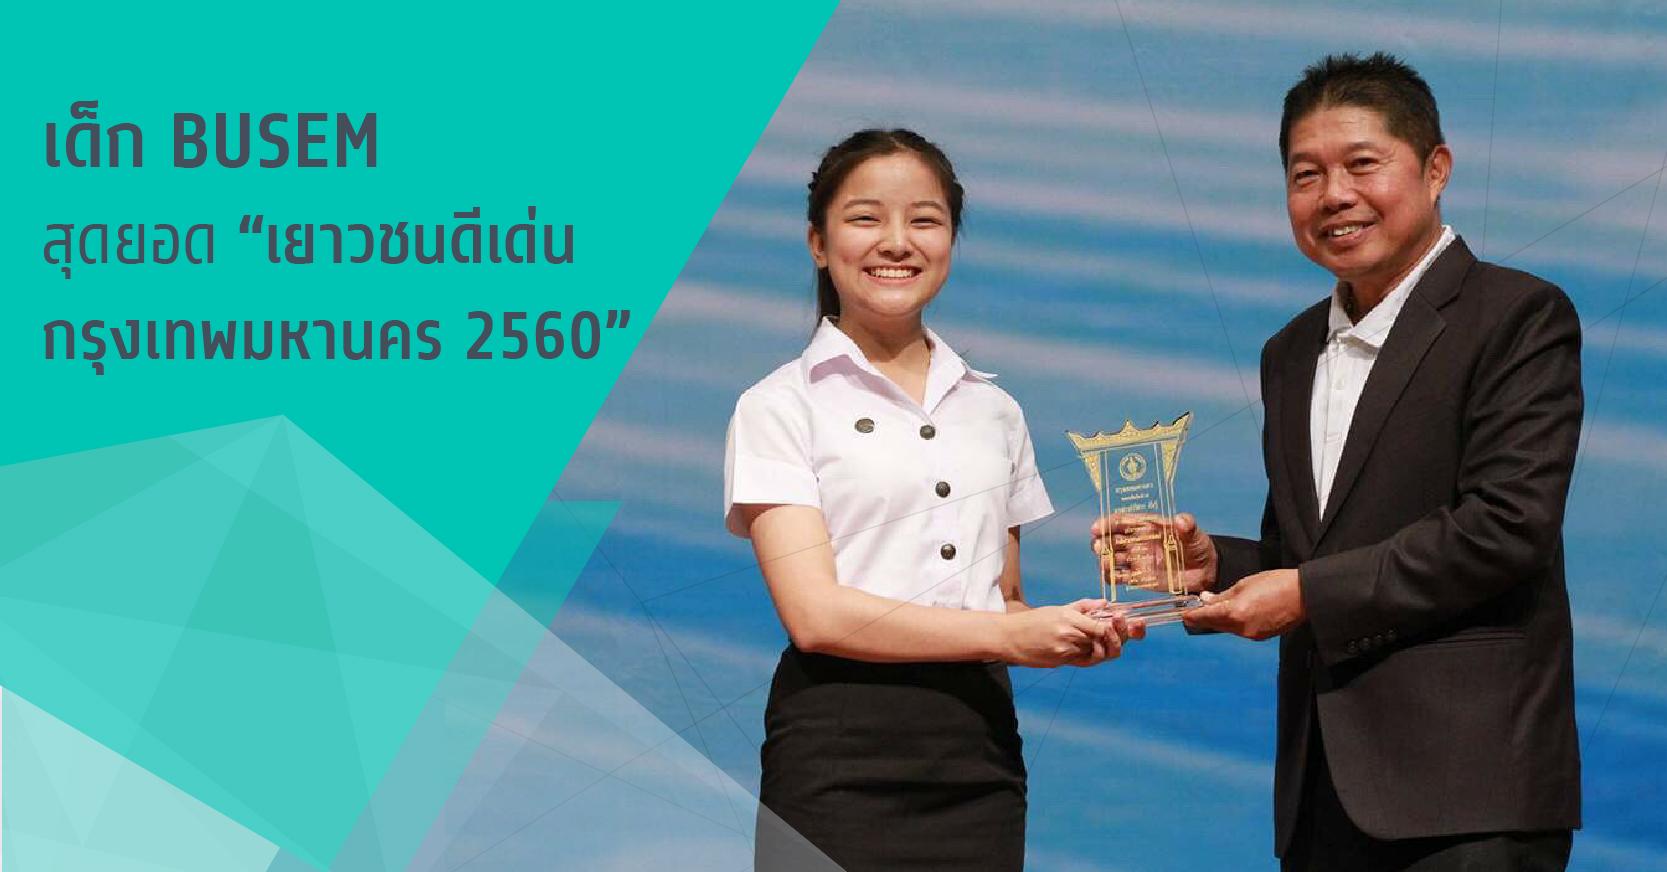 创业管理大一学生荣获2017年度曼谷优秀青年奖